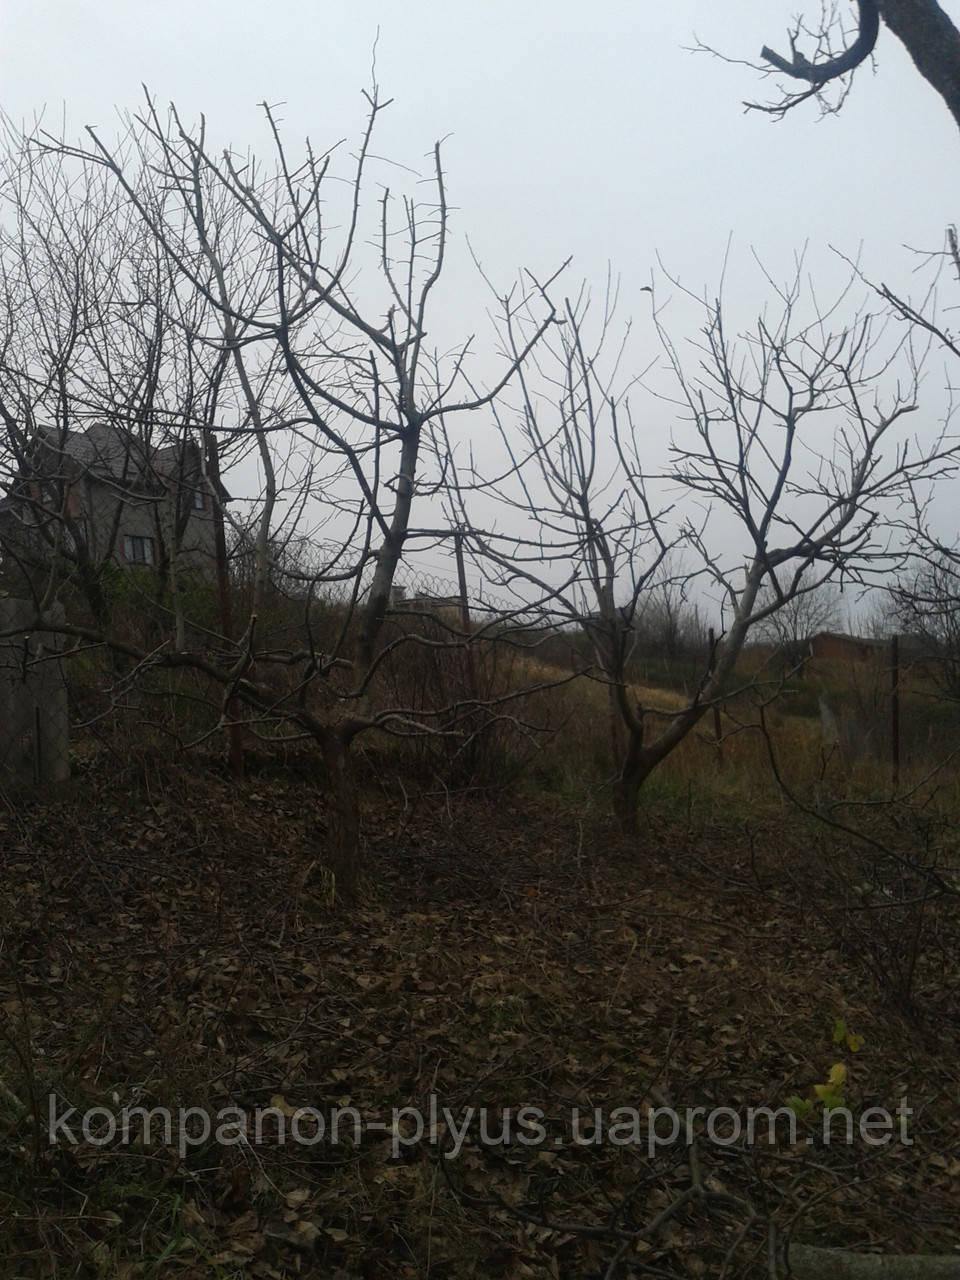 Обрезка деревьев в саду